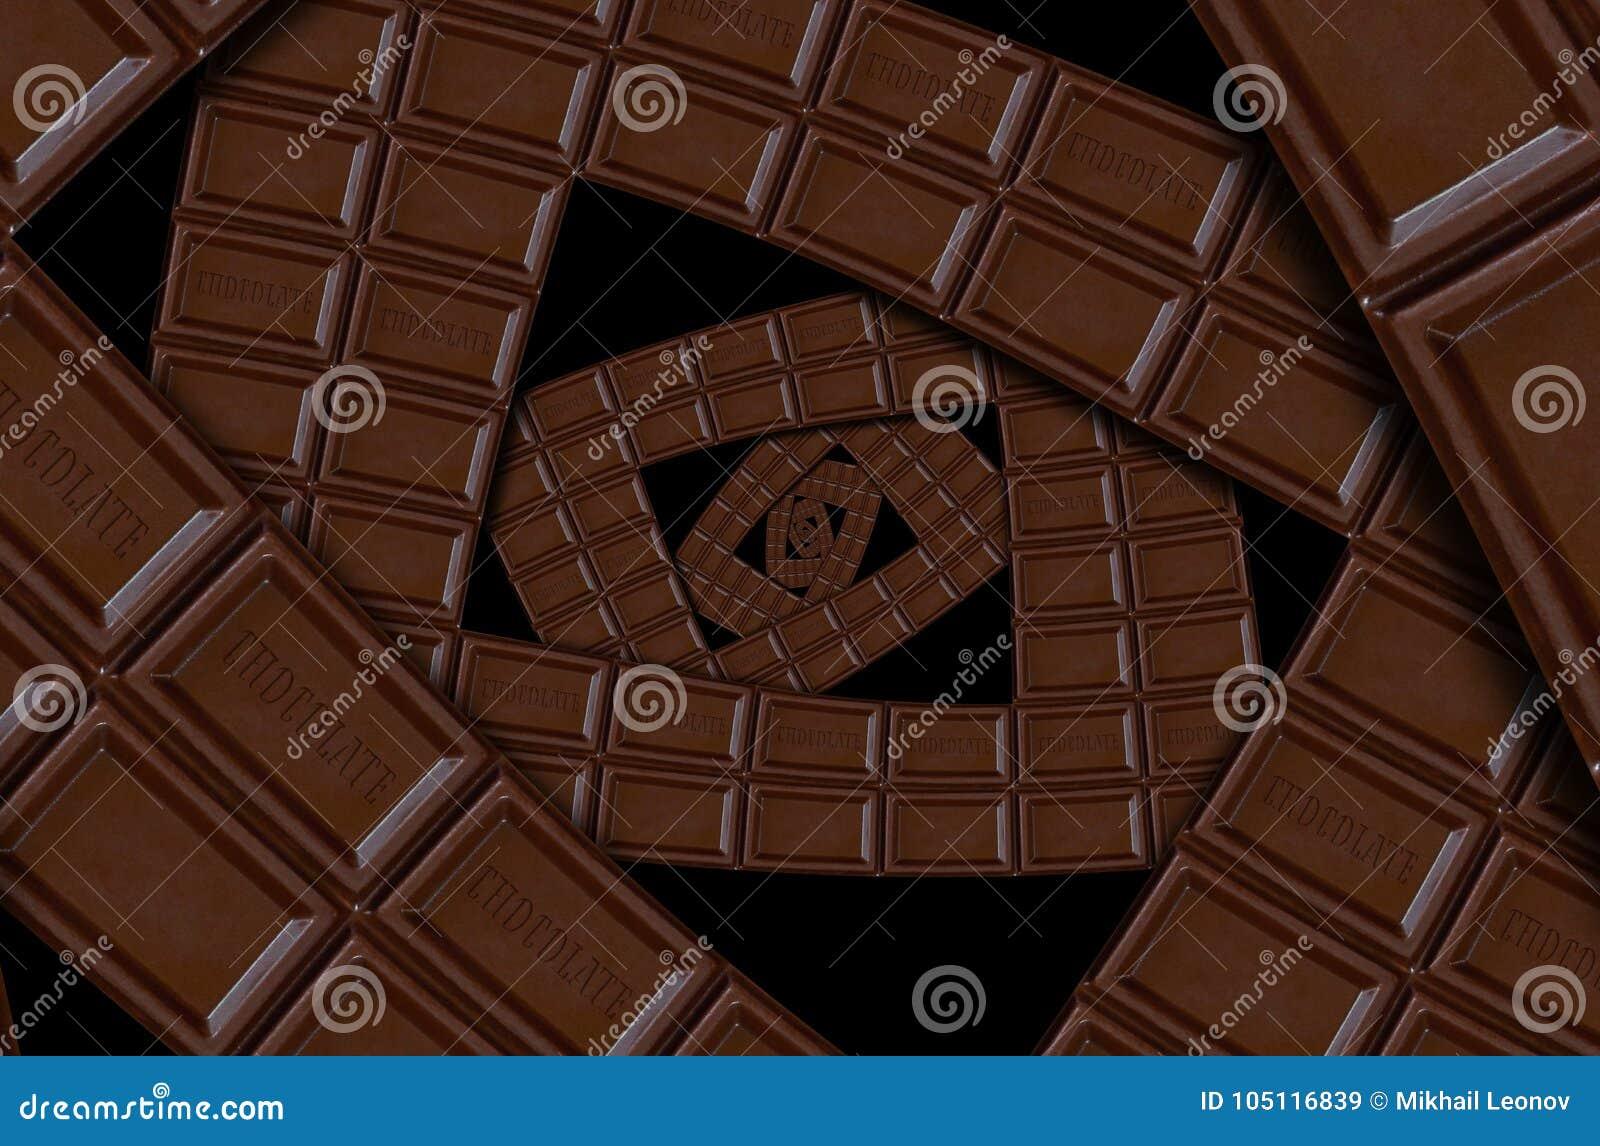 Абстрактная спираль квадрата молочного шоколада сделанная шоколадного батончика Конспект twirl Картина предпосылки шоколада Темна